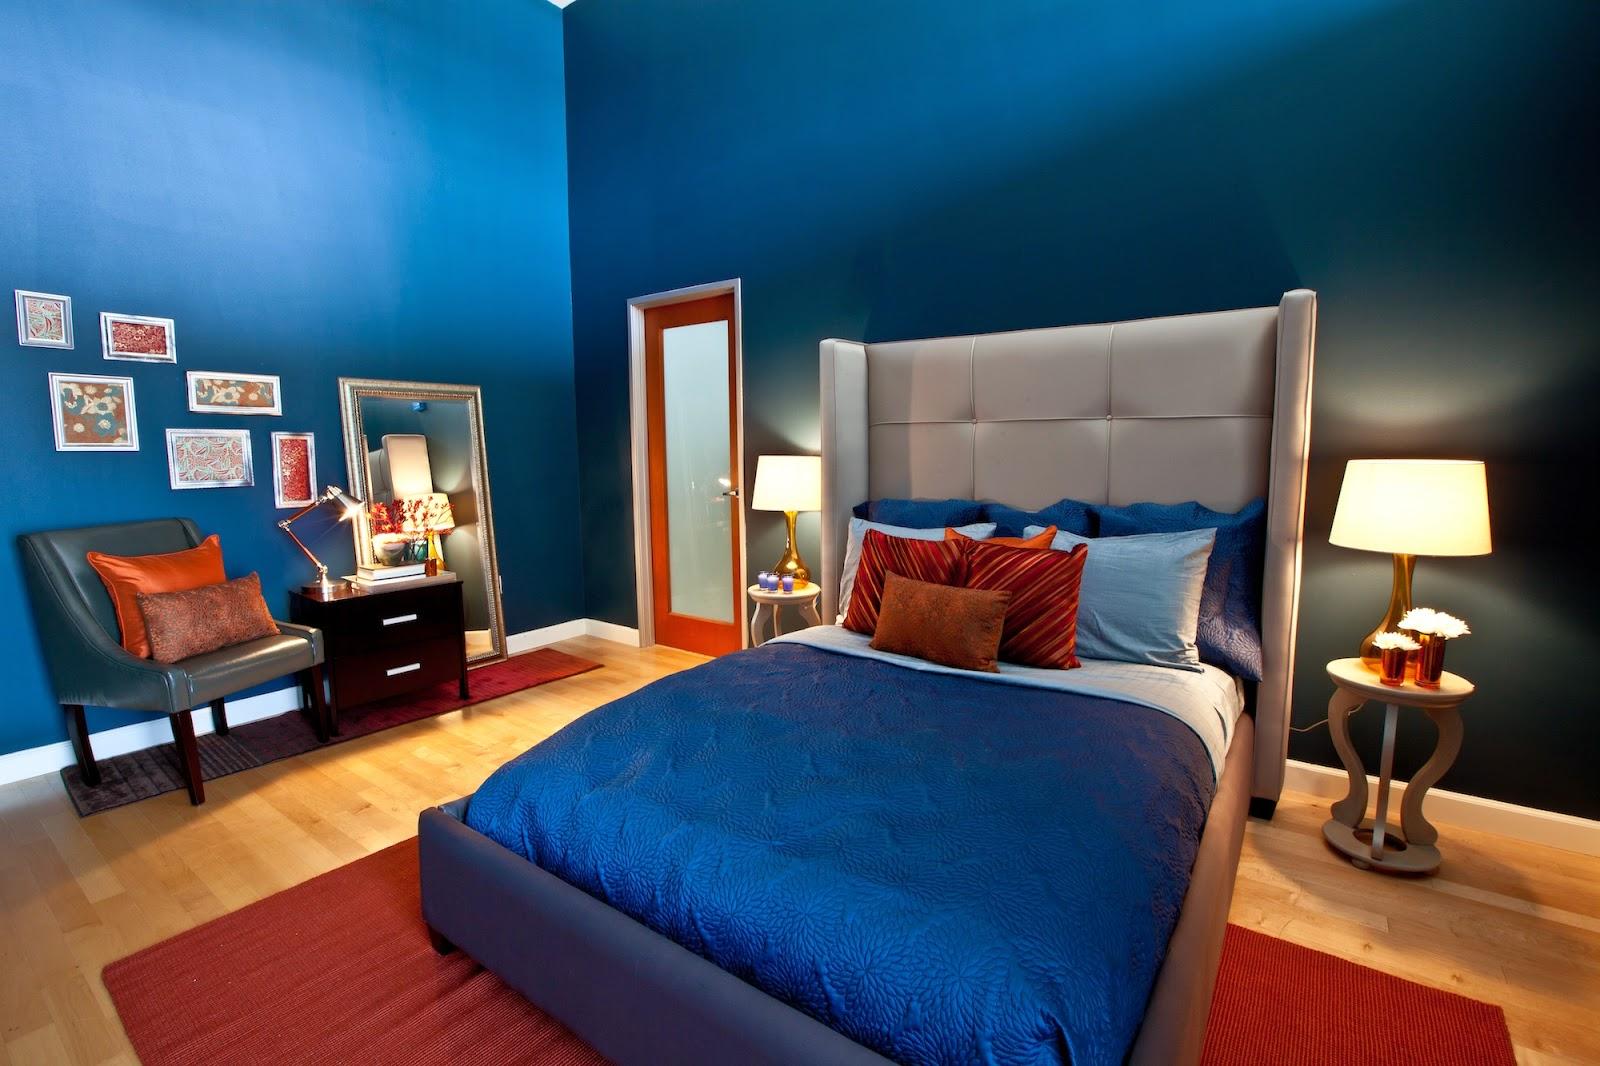 Desain Kamar Tidur Minimalis Warna Pastel